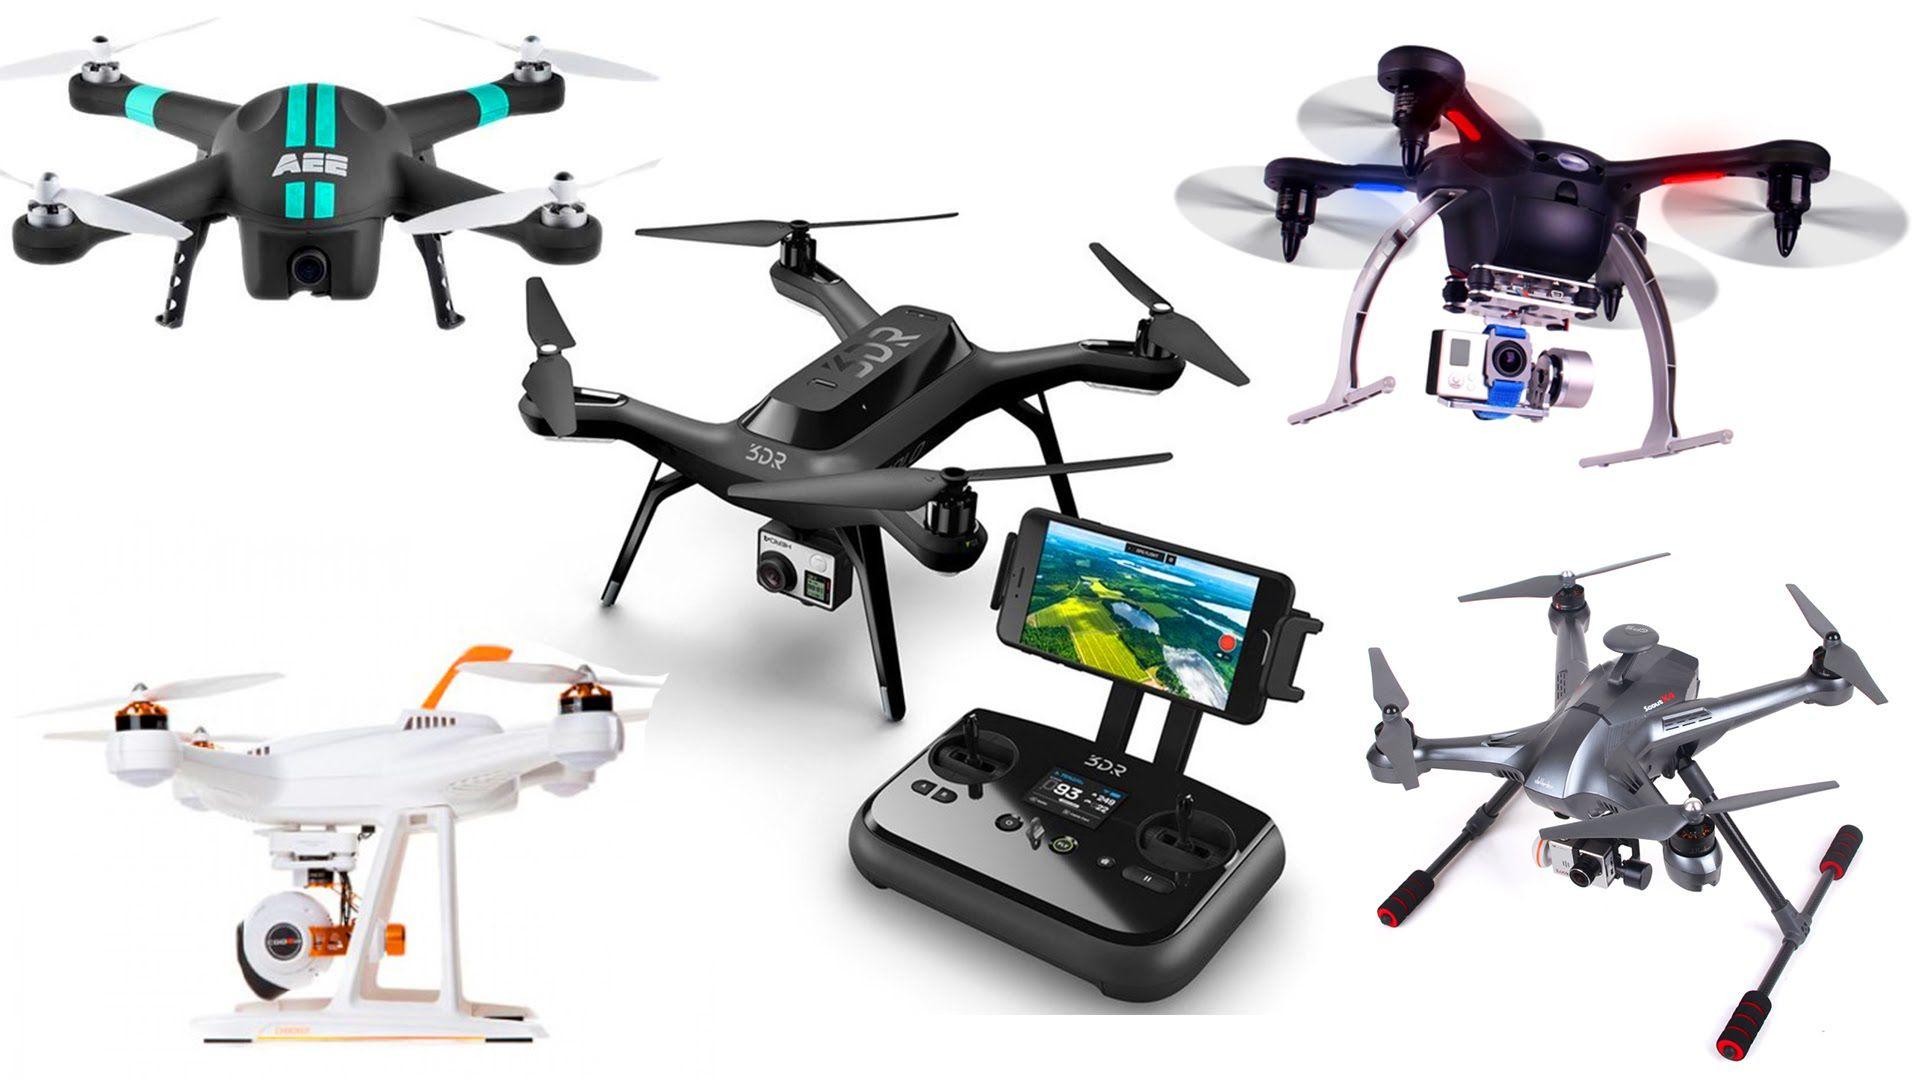 Top 5 DJI Phantom Quad-copter Drone Alternatives